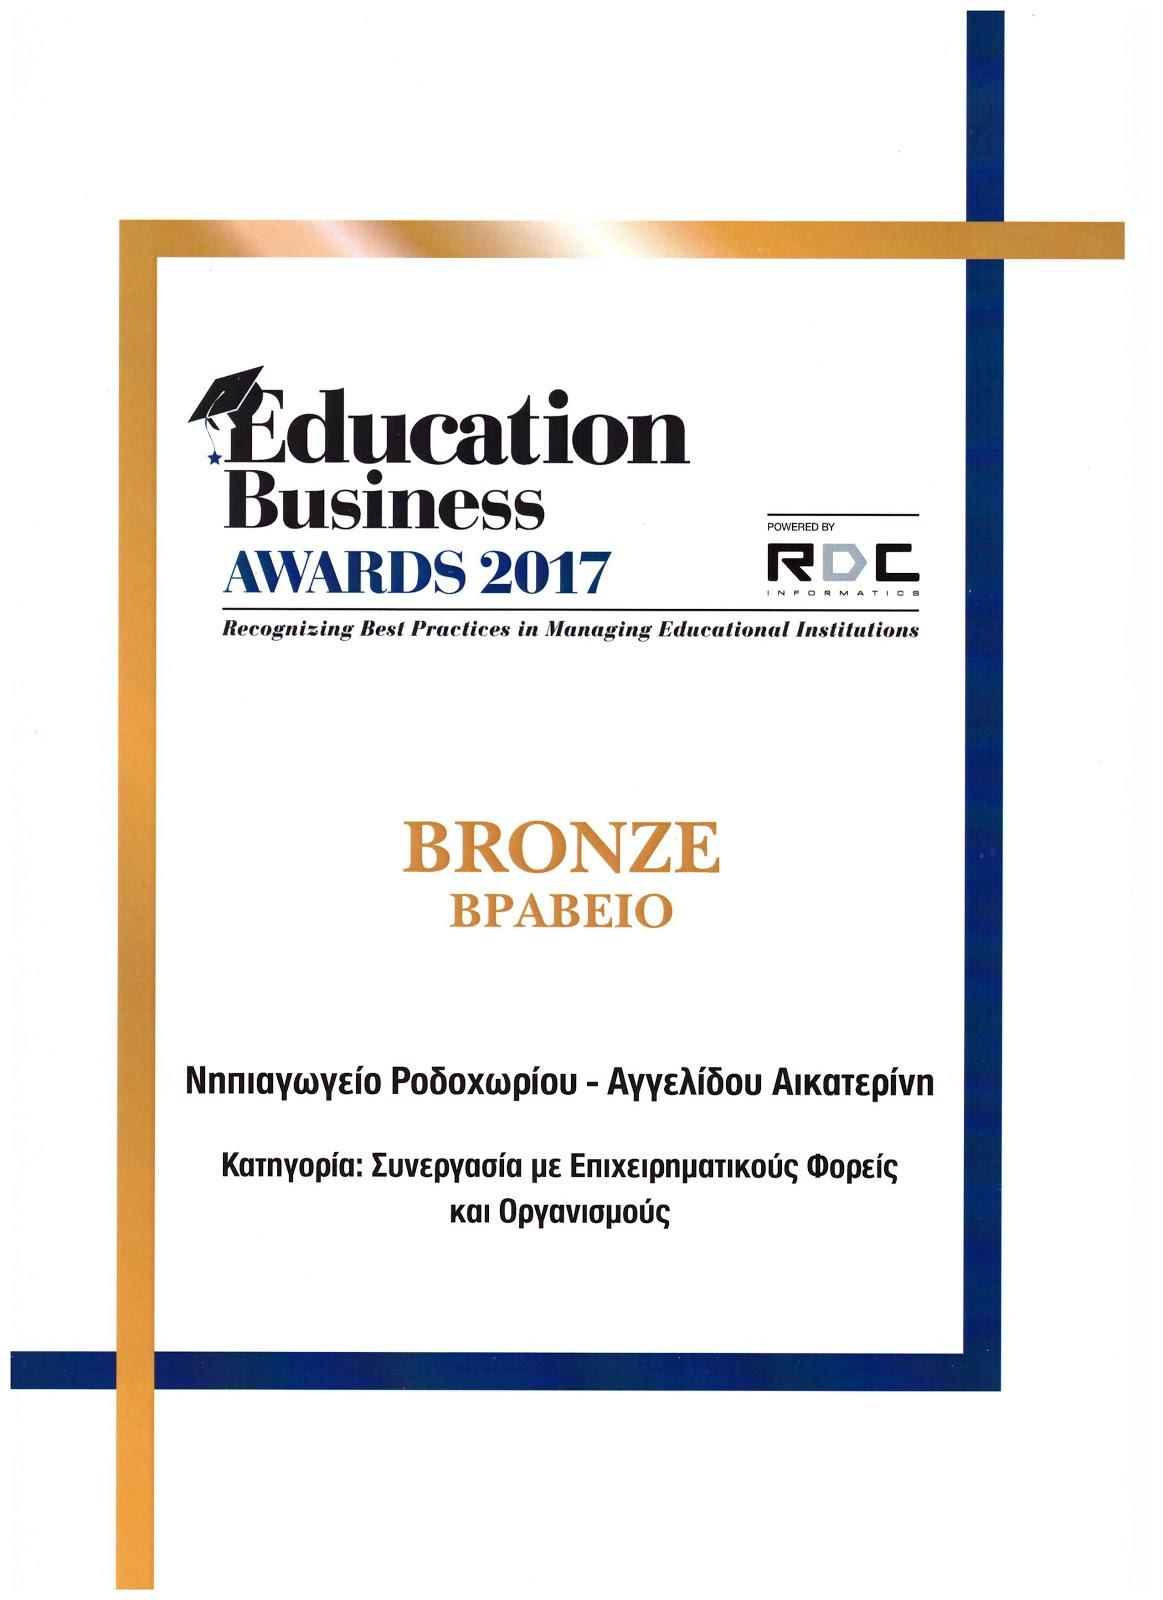 Το βραβείο μας, στην κατηγορία εξωστρέφεια και συνεργασία για το 2017.